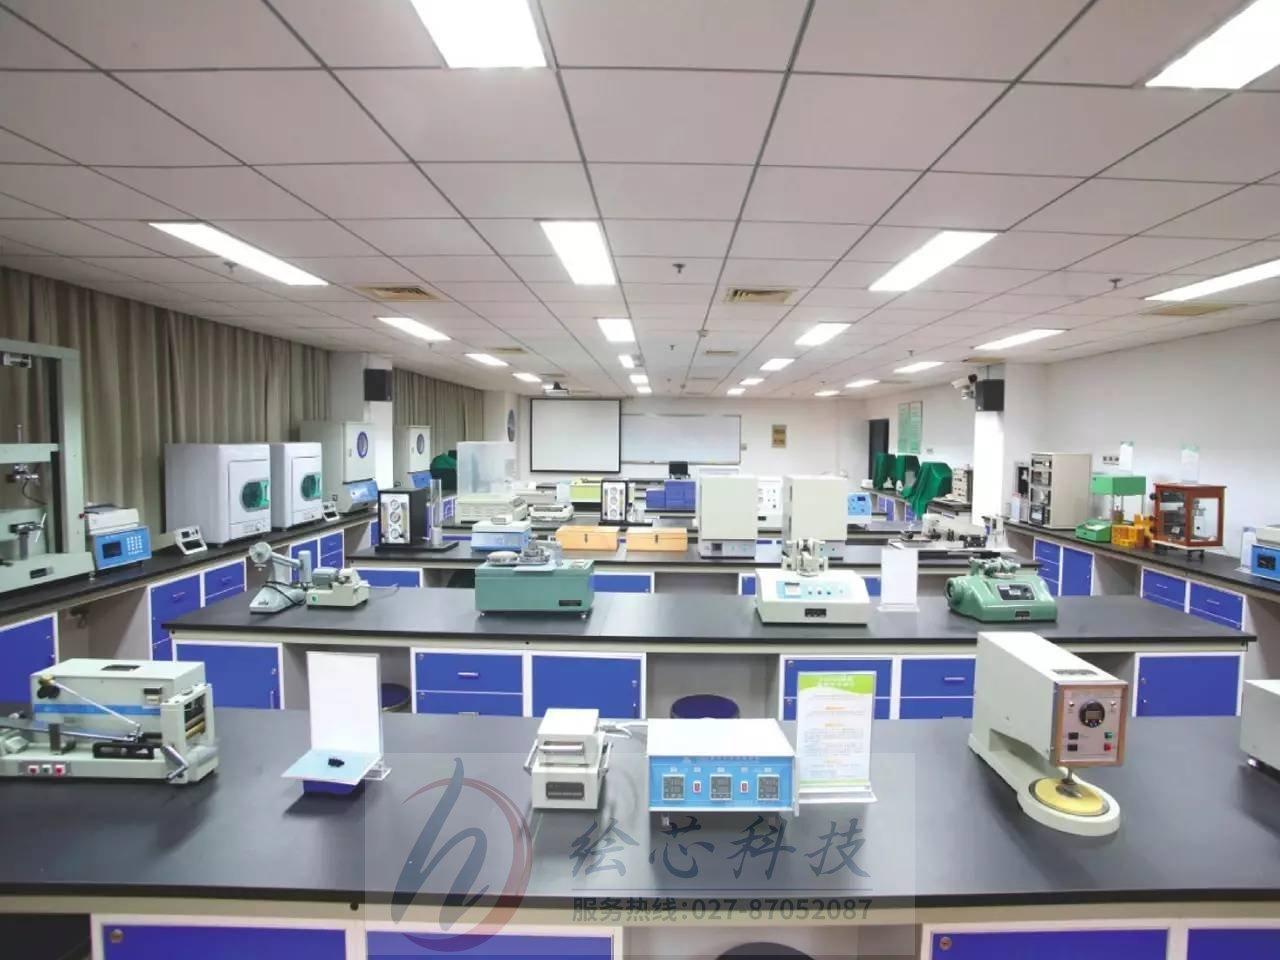 虚拟仿真实验室_大学虚拟仿真实验室_初中物理虚拟仿真实验室